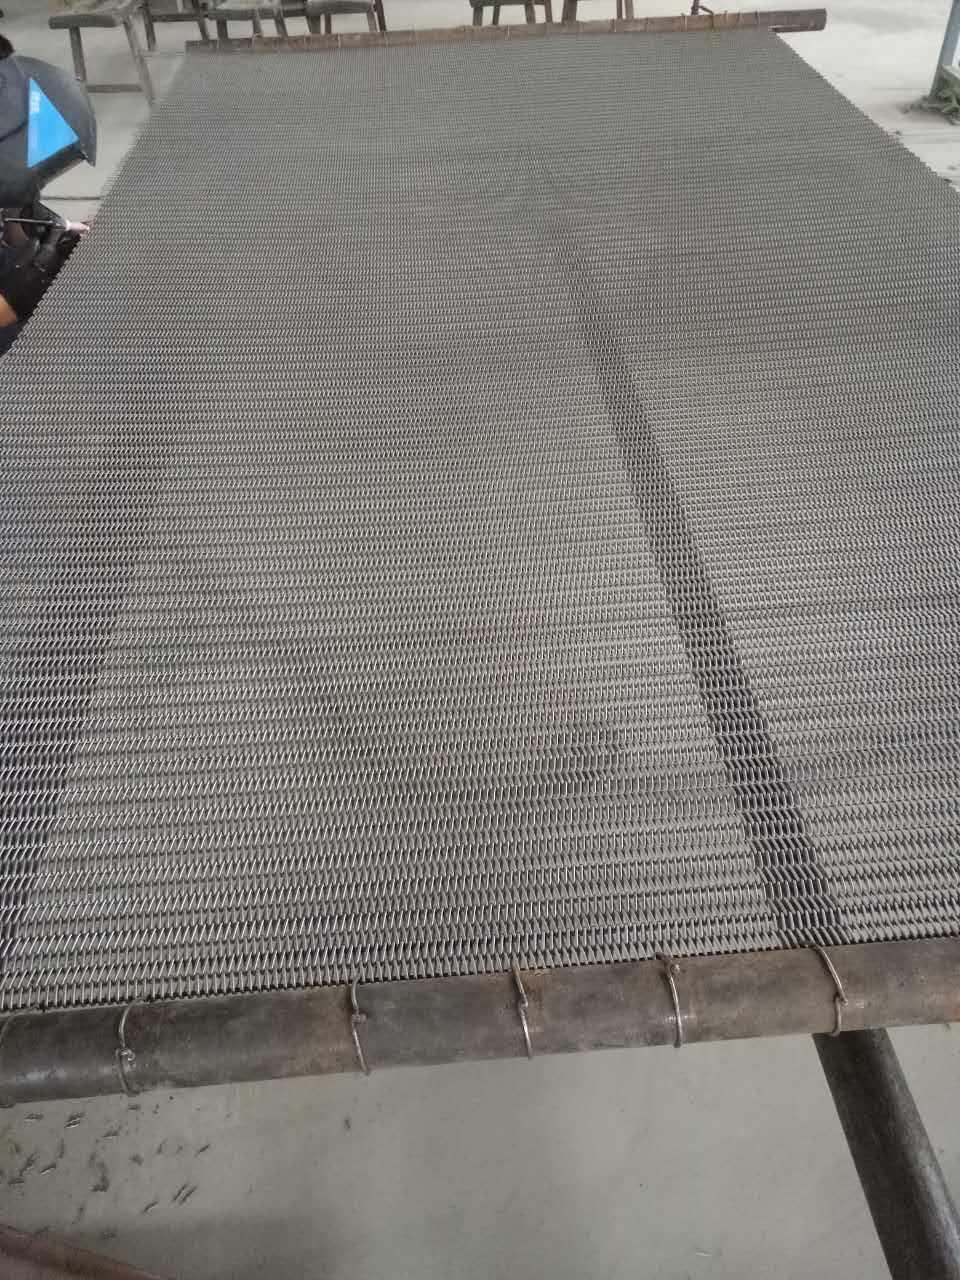 德州不锈钢链网报价 301S网带直销 不锈钢网带厂家 德州314网带